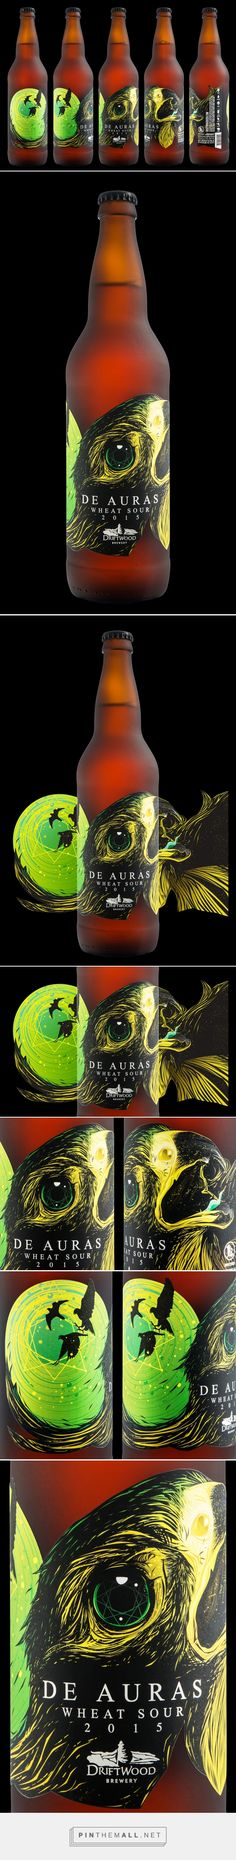 De Auras Wheat Sour —beer by Hired Guns Creative